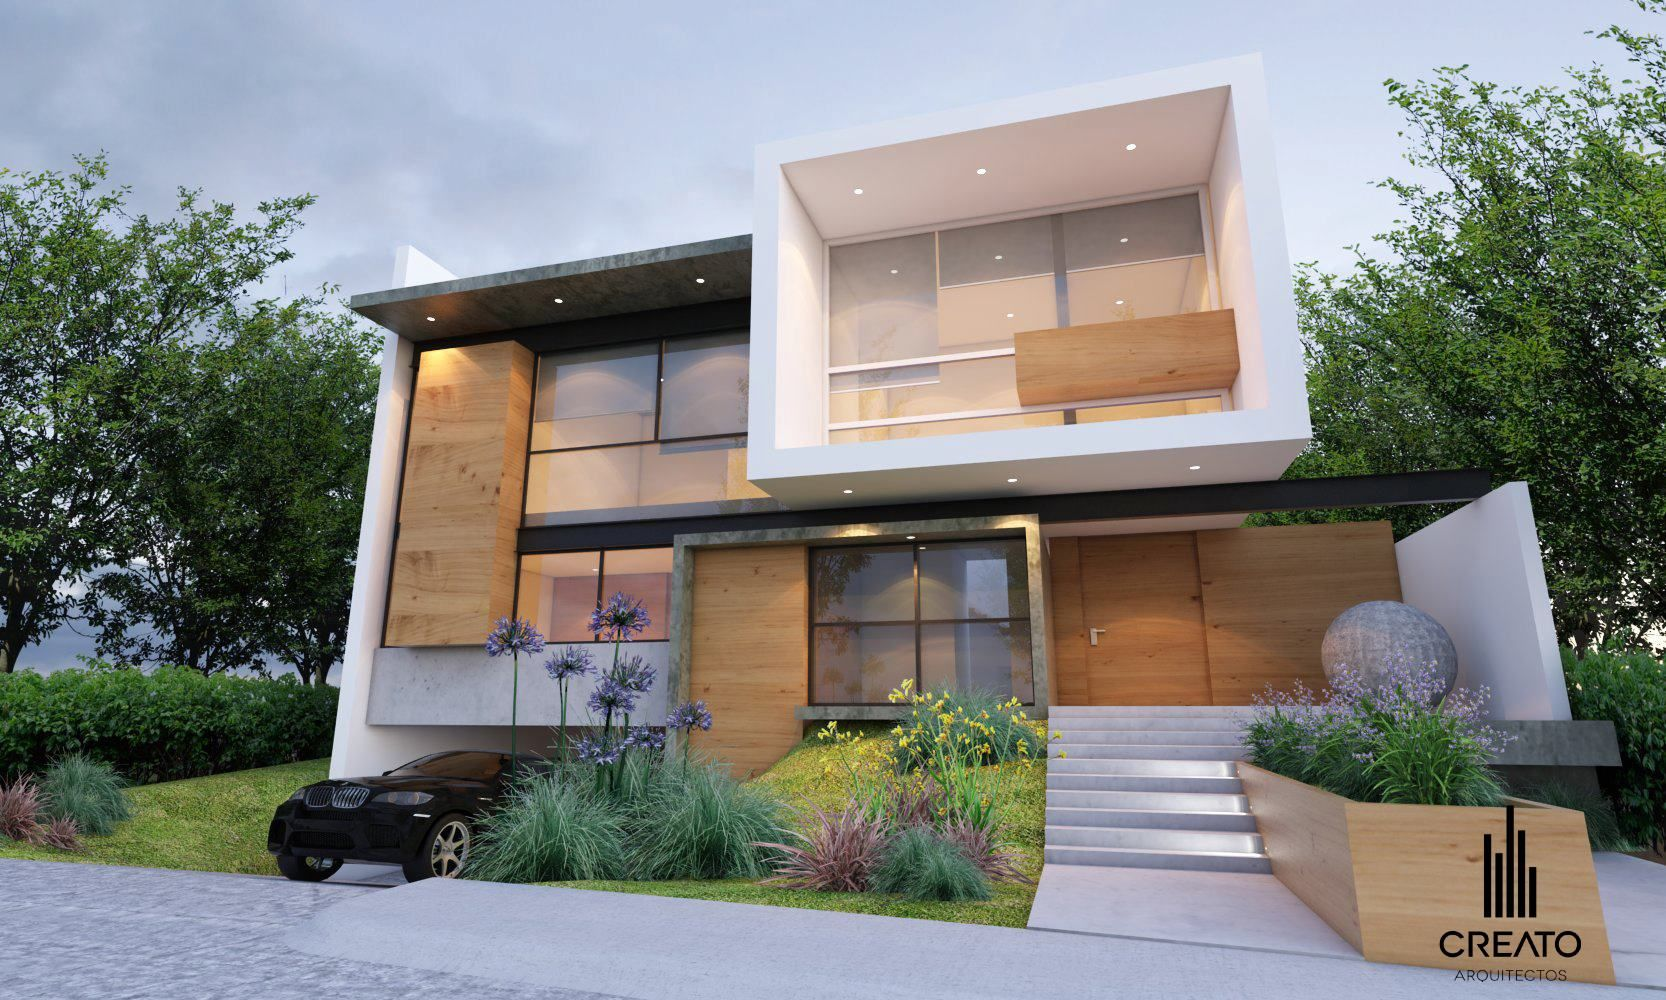 Fachadas creato arquitectos arch creato arquitectos - Arquitectos casas modernas ...